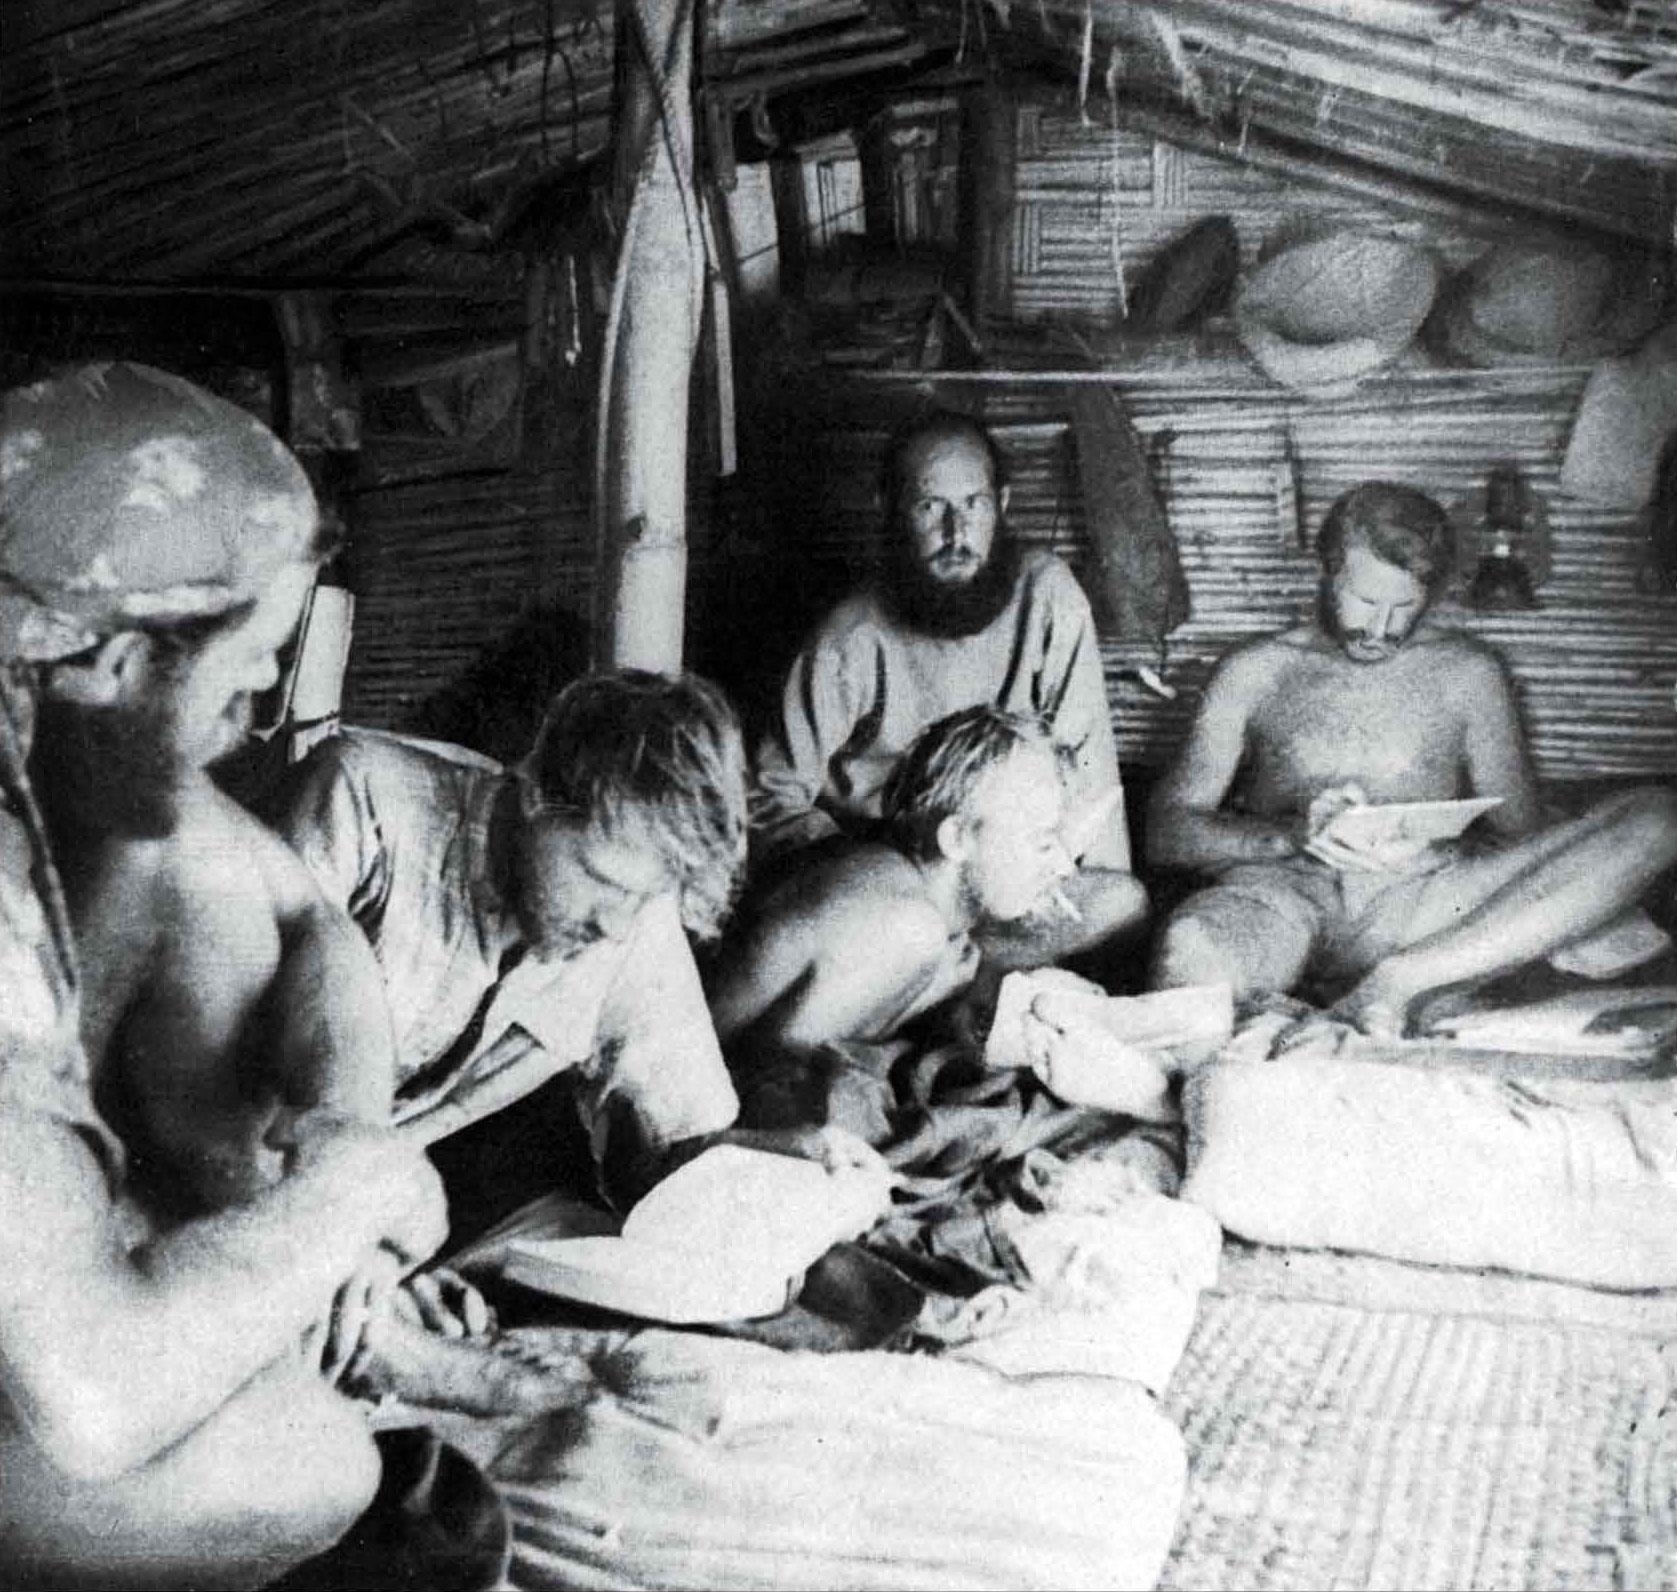 Kon Tiki: Inside the bamboo cabin